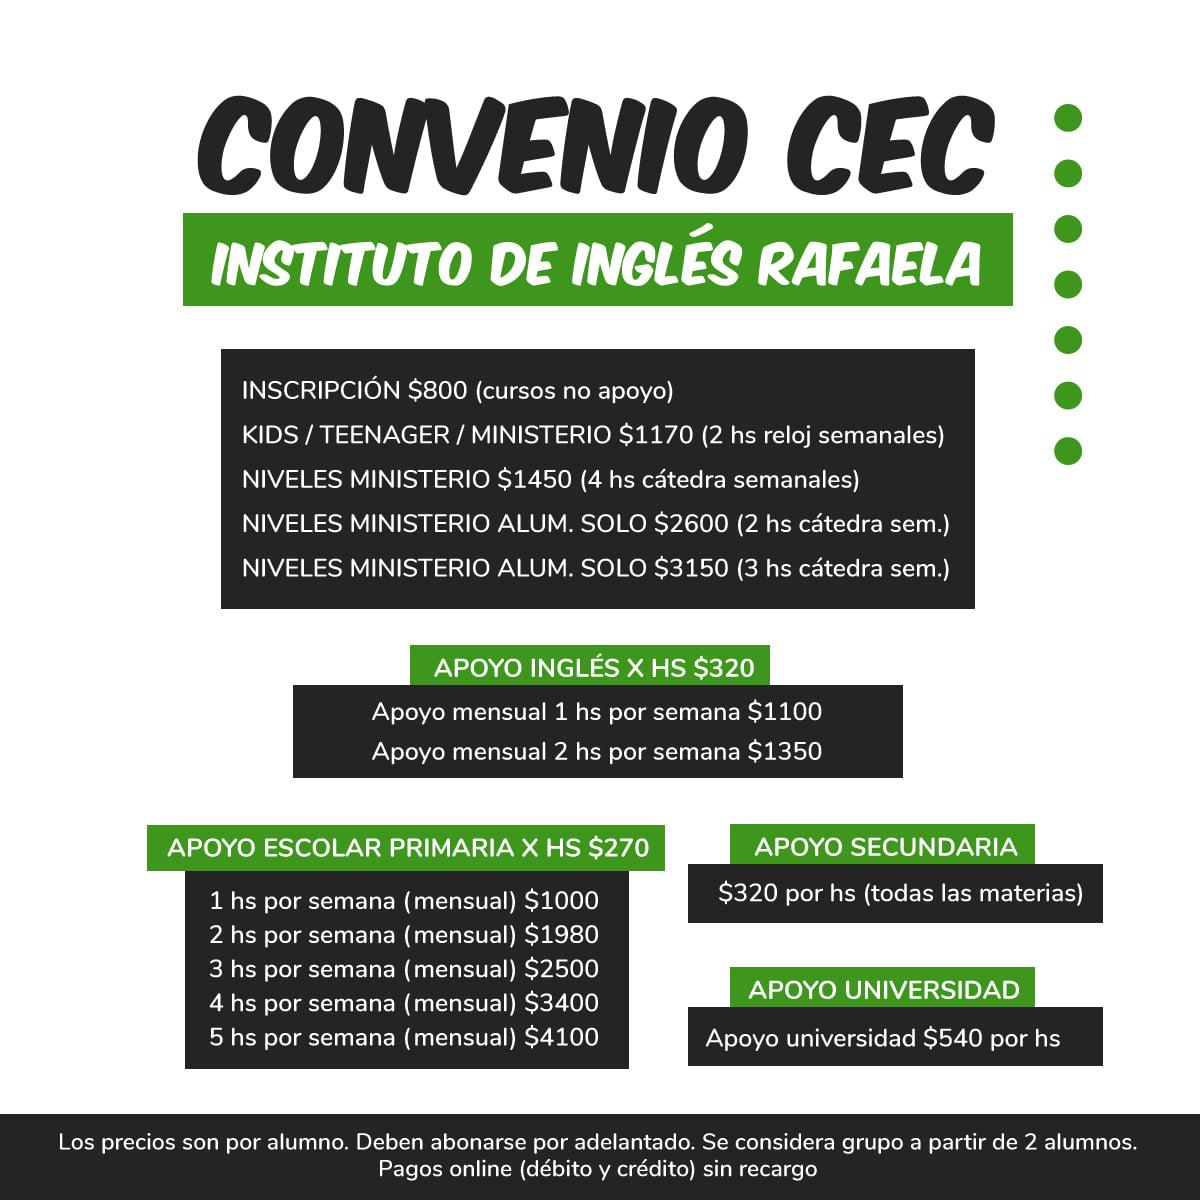 CONVENIO CEC. Instituto de Inglés Rafaela.